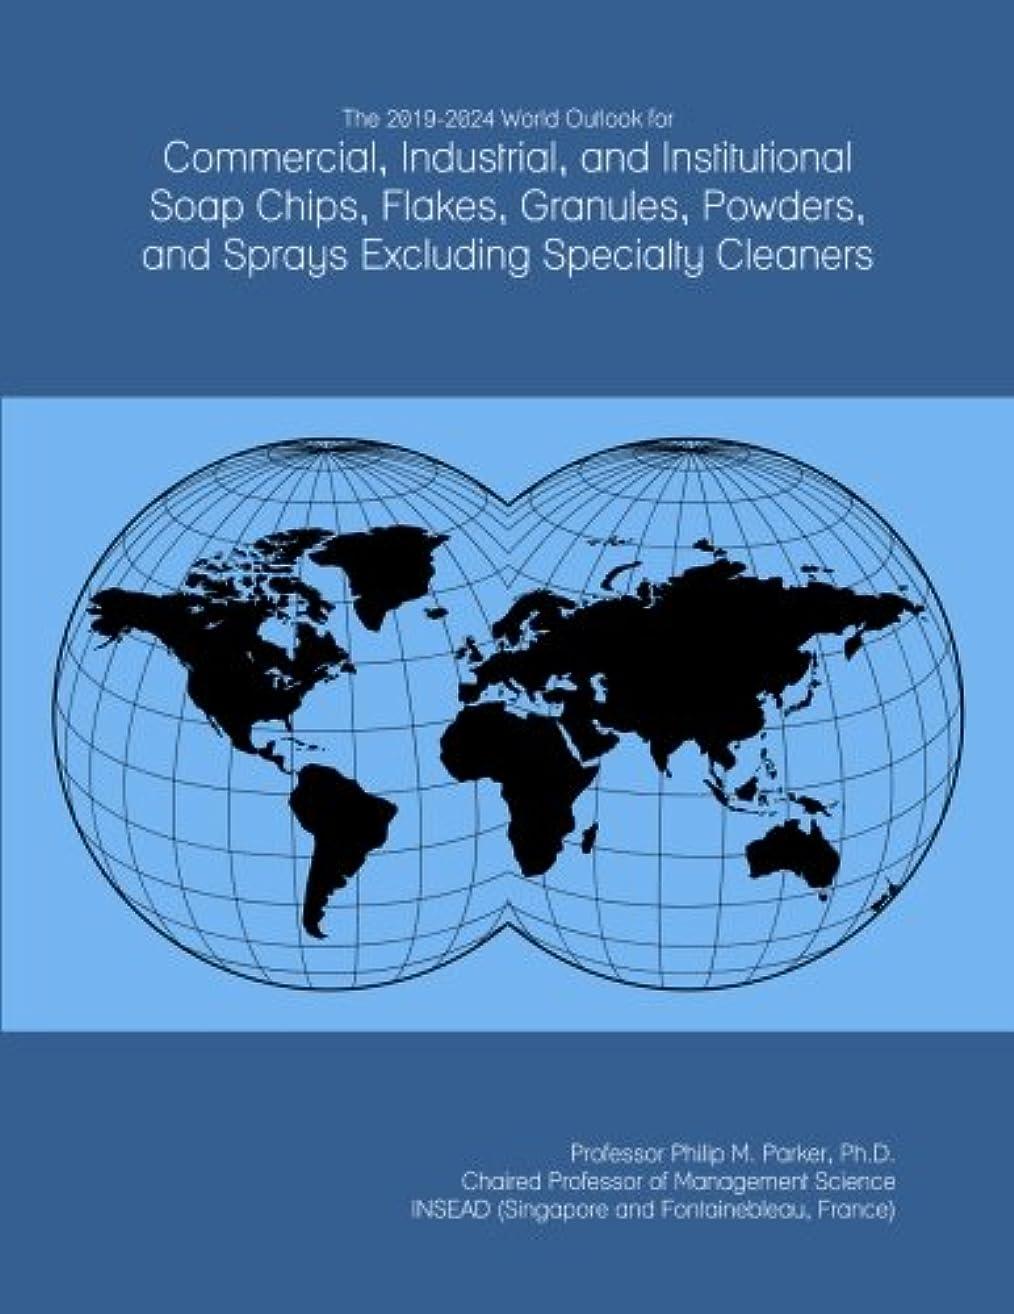 全能七面鳥評決The 2019-2024 World Outlook for Commercial, Industrial, and Institutional Soap Chips, Flakes, Granules, Powders, and Sprays Excluding Specialty Cleaners